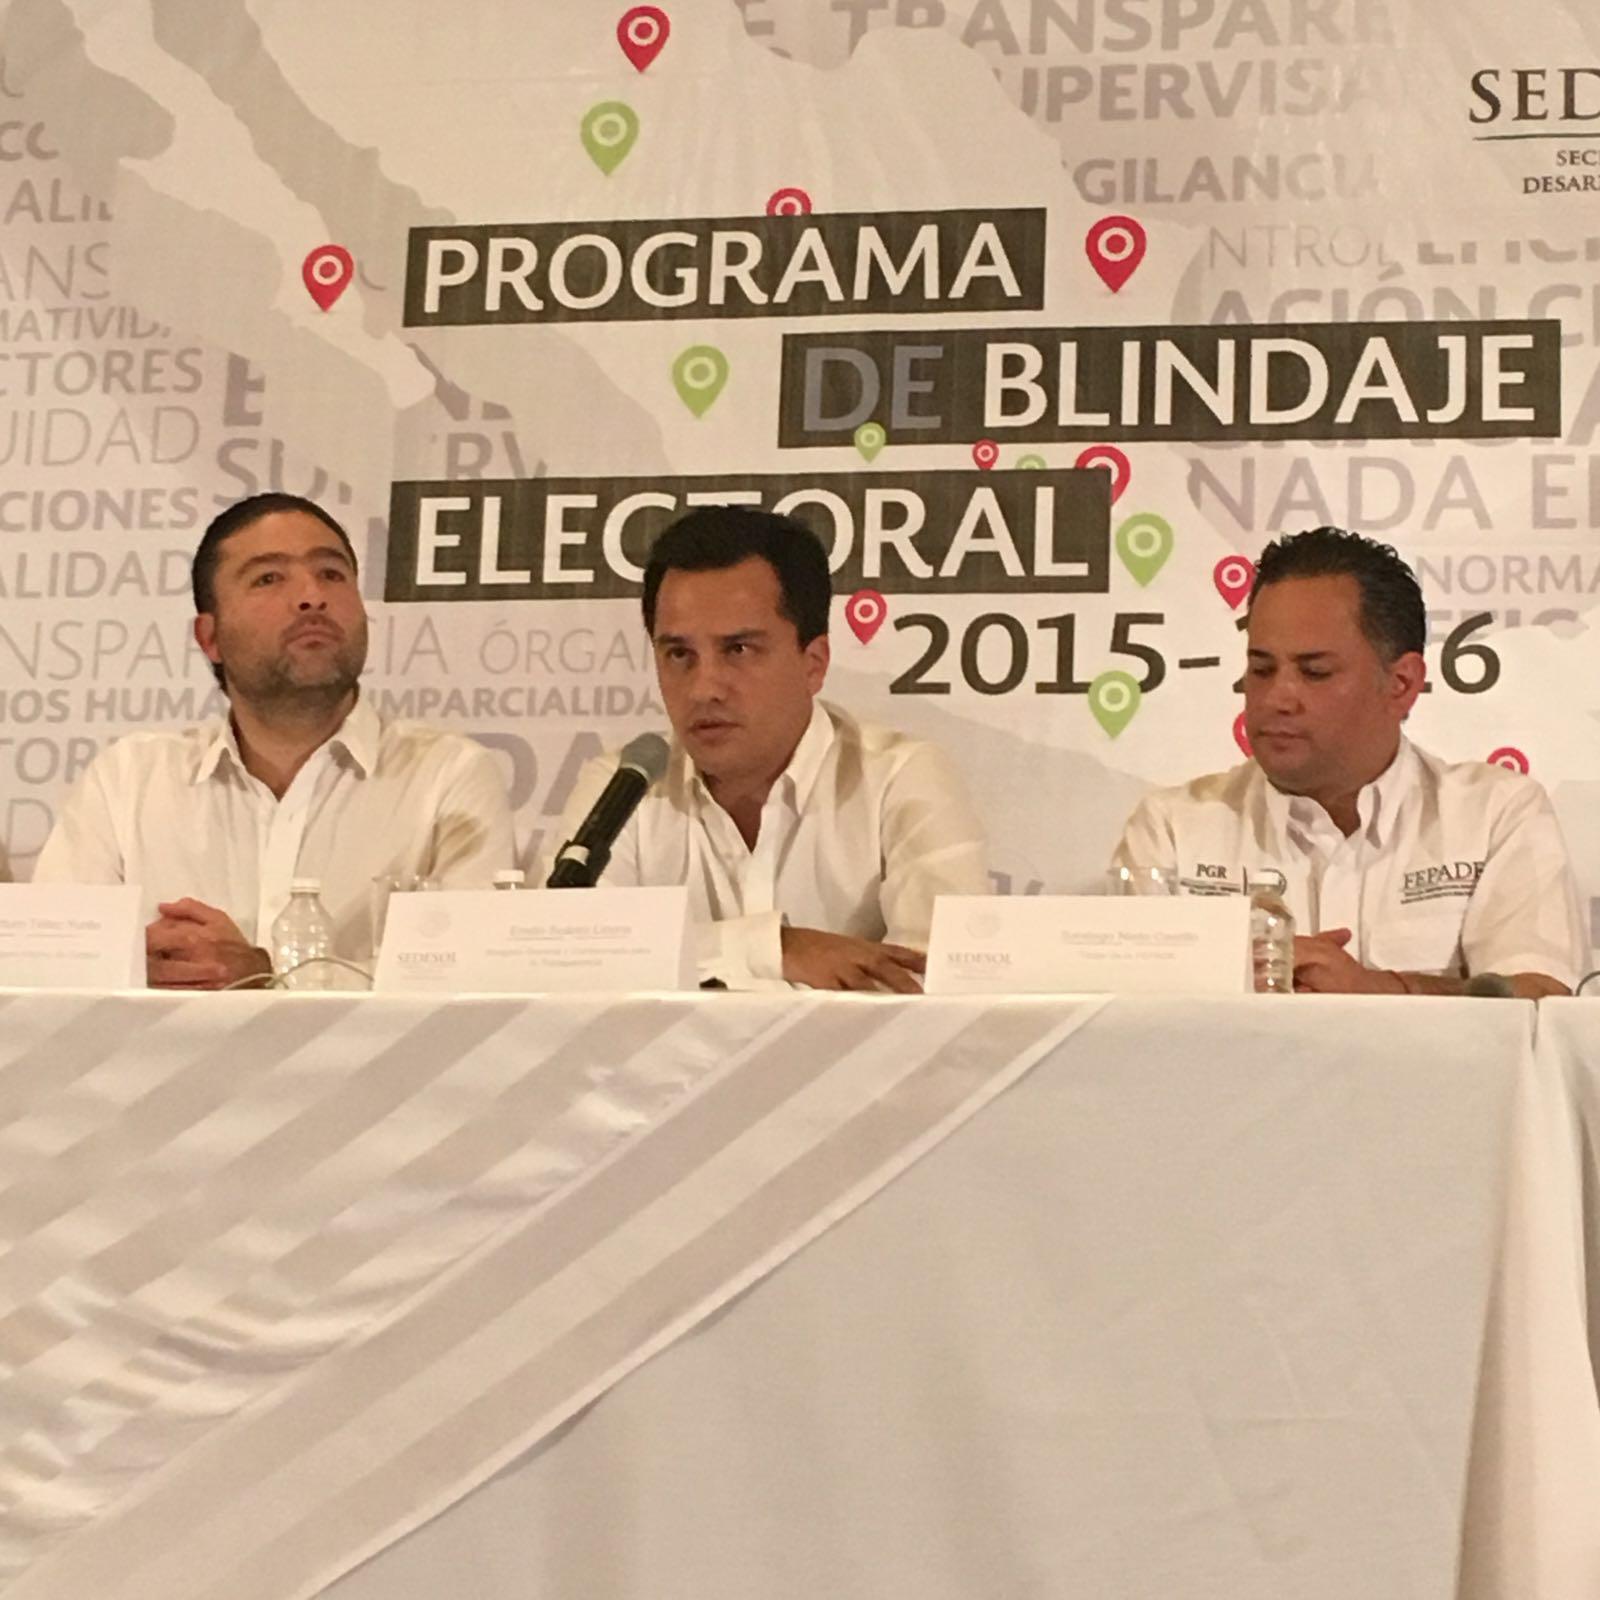 FOTO 1 Avanza instalaci n de Comit s Preventivos de Blindaje Electoral  se suma Veracruz.jpg